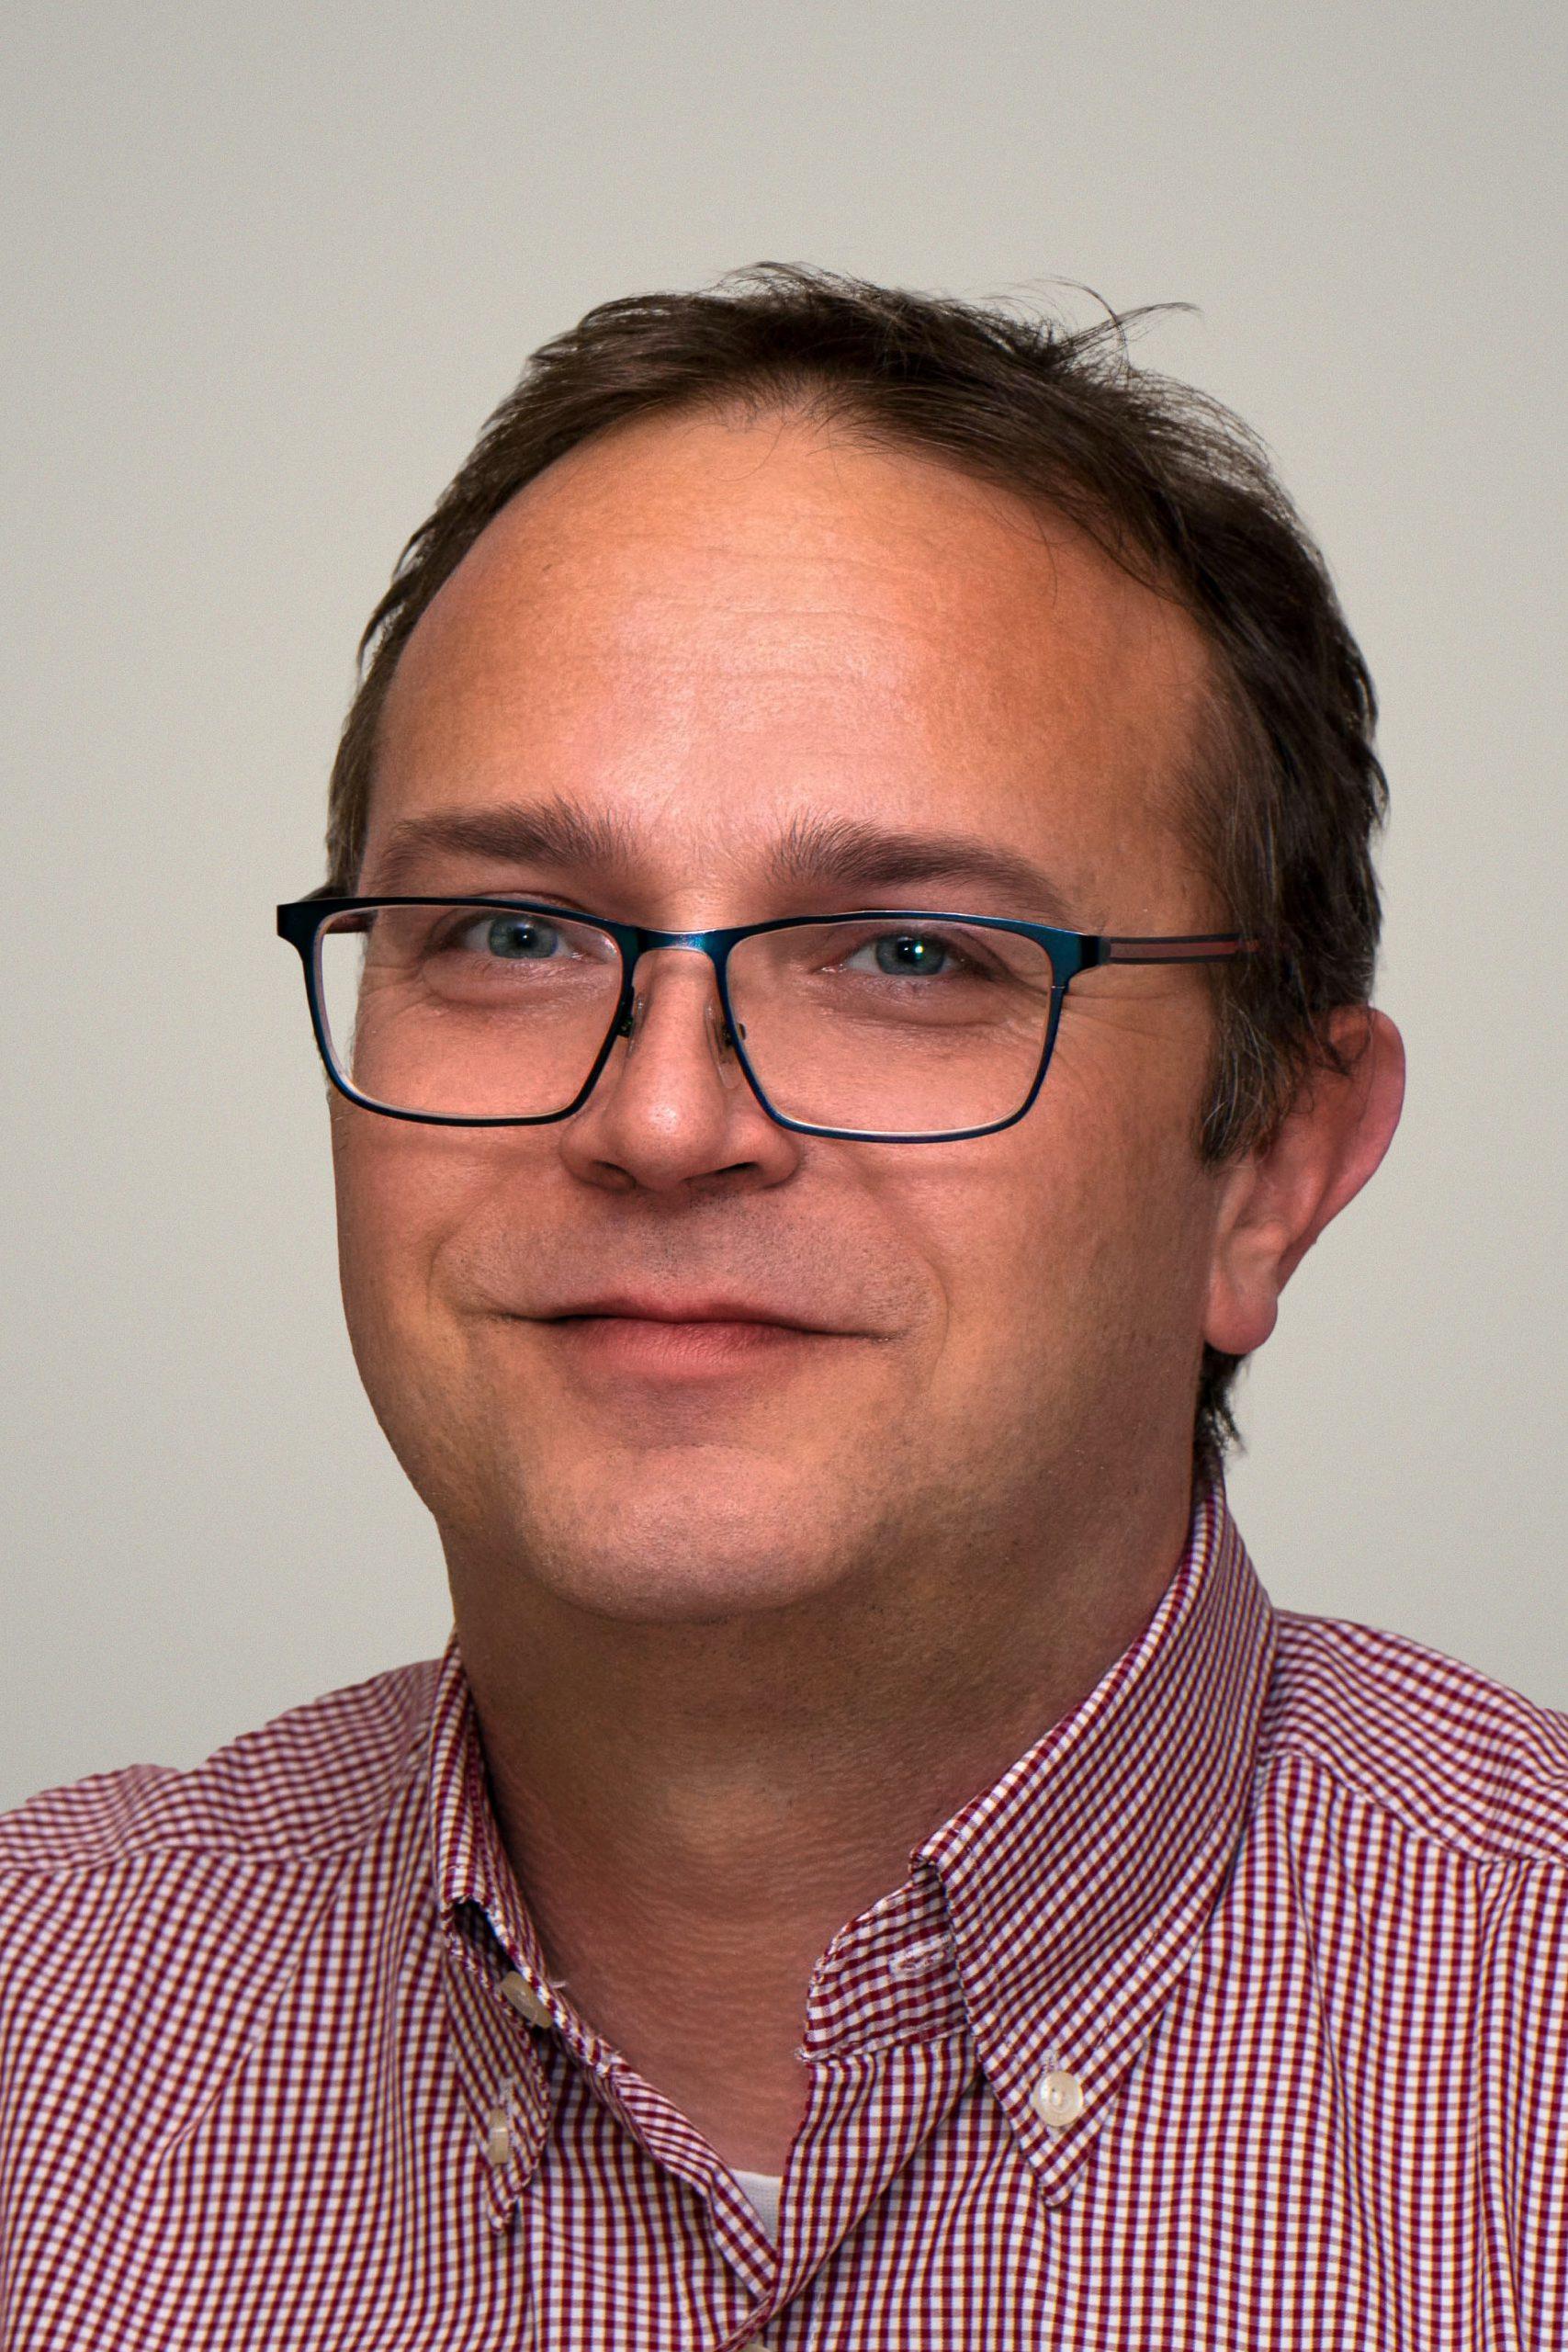 Danny Hieckmann (43)